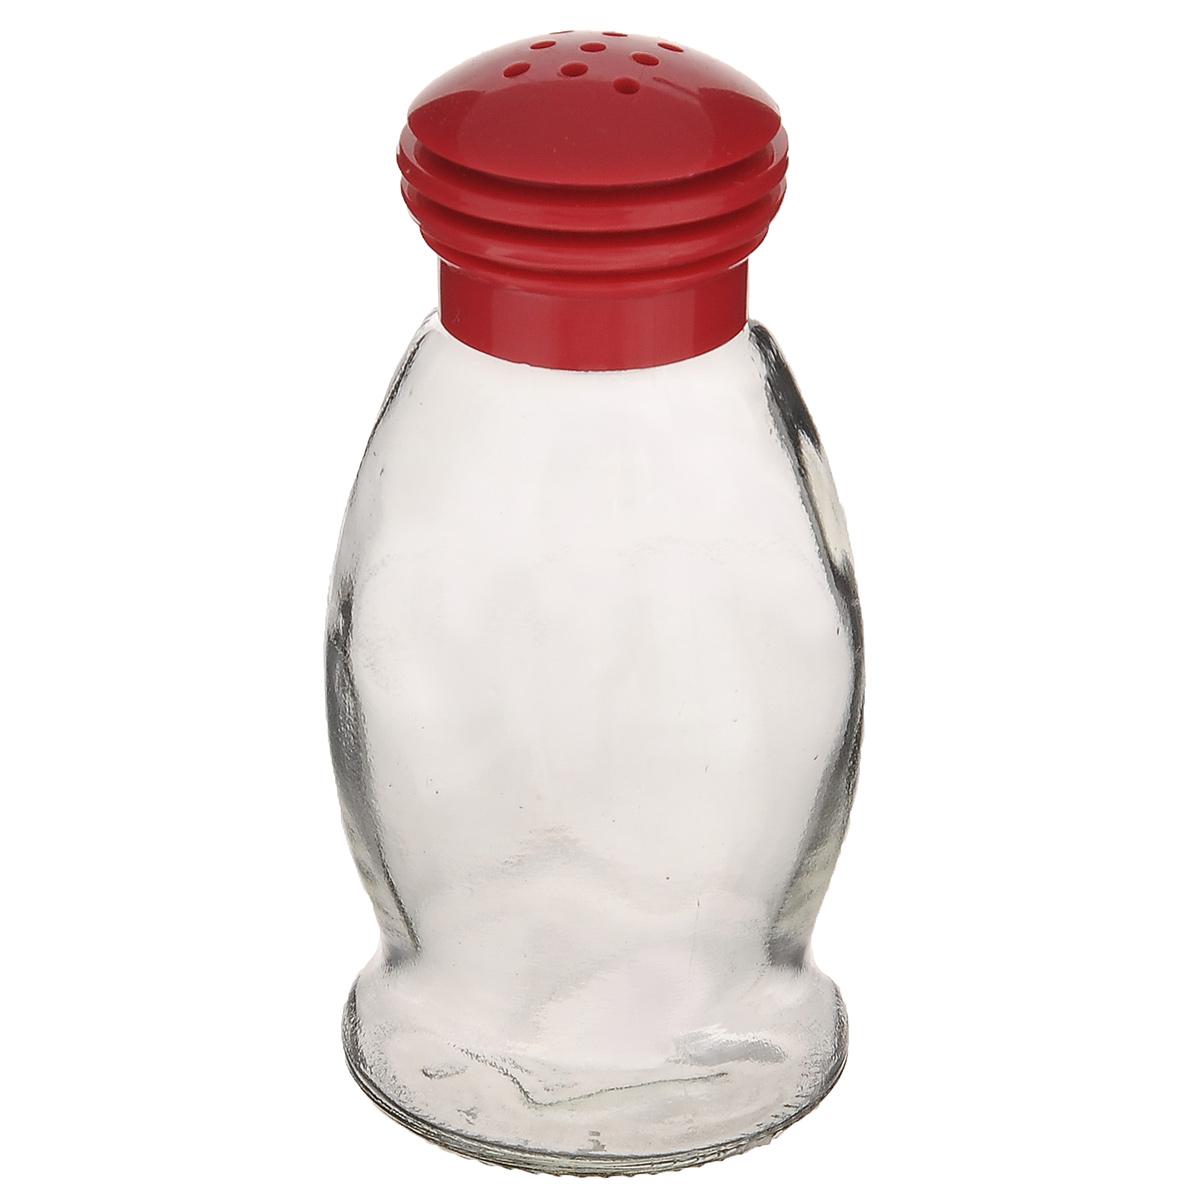 Солонка Herevin, цвет: красный, 85 мл. 121091-000115510Солонка Herevin выполнена из прозрачного стекла и оснащена пластиковой цветной крышкой с отверстиями, благодаря которым, вы сможете посолить блюда, просто перевернув банку. Крышка легко откручивается, благодаря чему засыпать соль внутрь очень просто. Такая солонка станет достойным дополнением к вашему кухонному инвентарю. Можно мыть в посудомоечной машине.Объем: 85 мл.Диаметр (по верхнему краю): 2 см.Высота солонки (без учета крышки): 9 см.